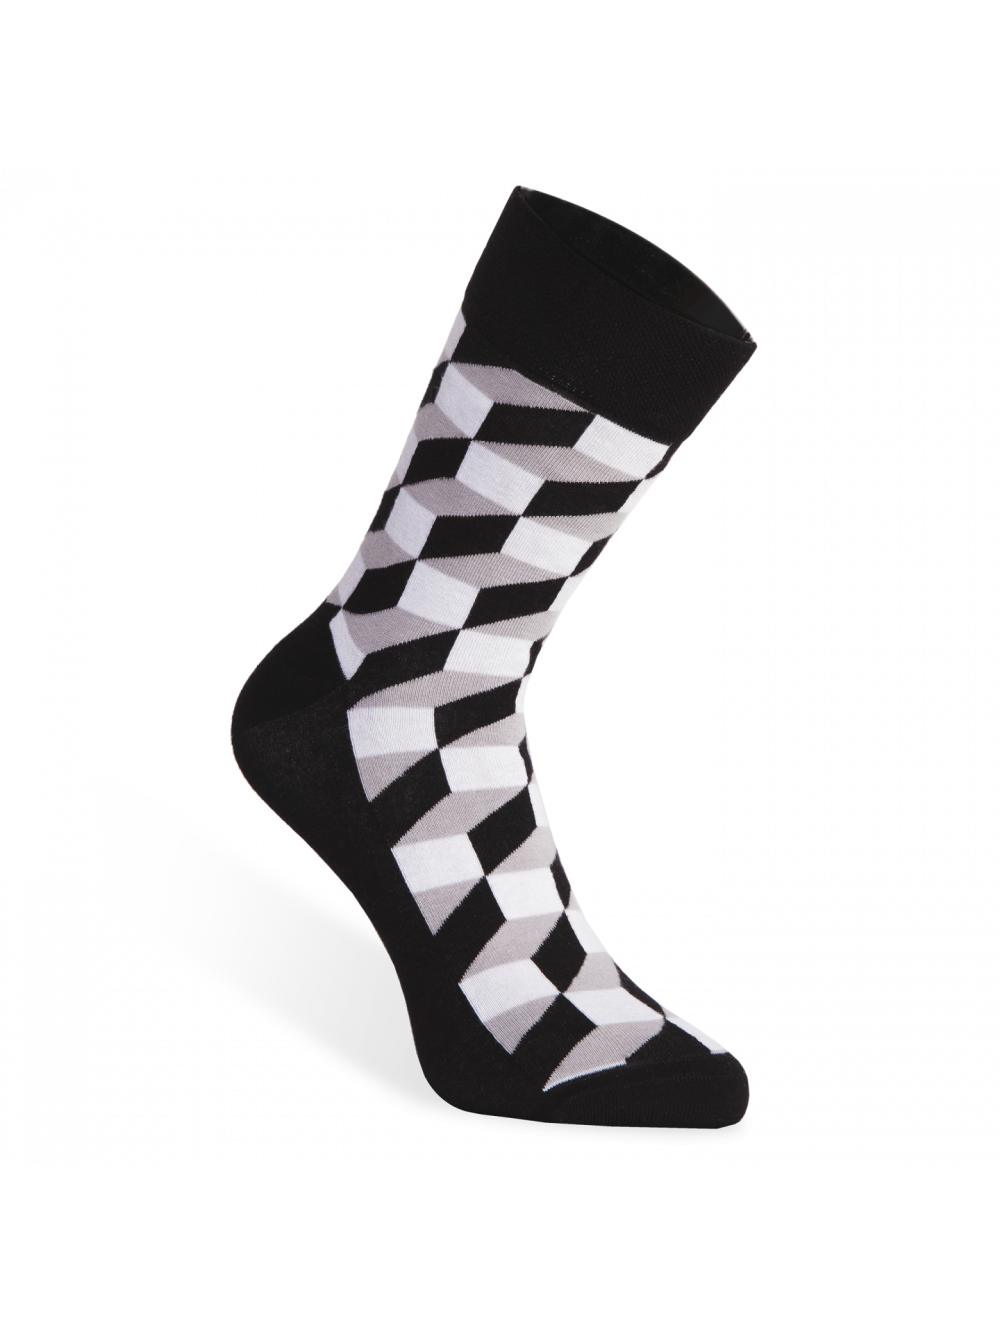 Ponožky Slippsy 3D Socks